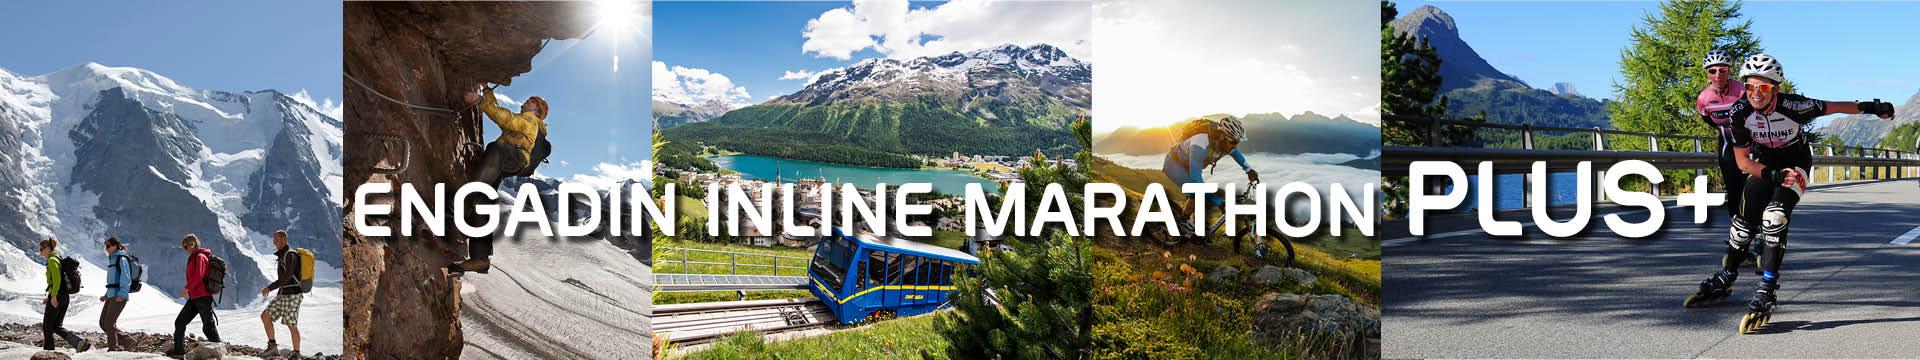 Engadin Inline Marathon Plus